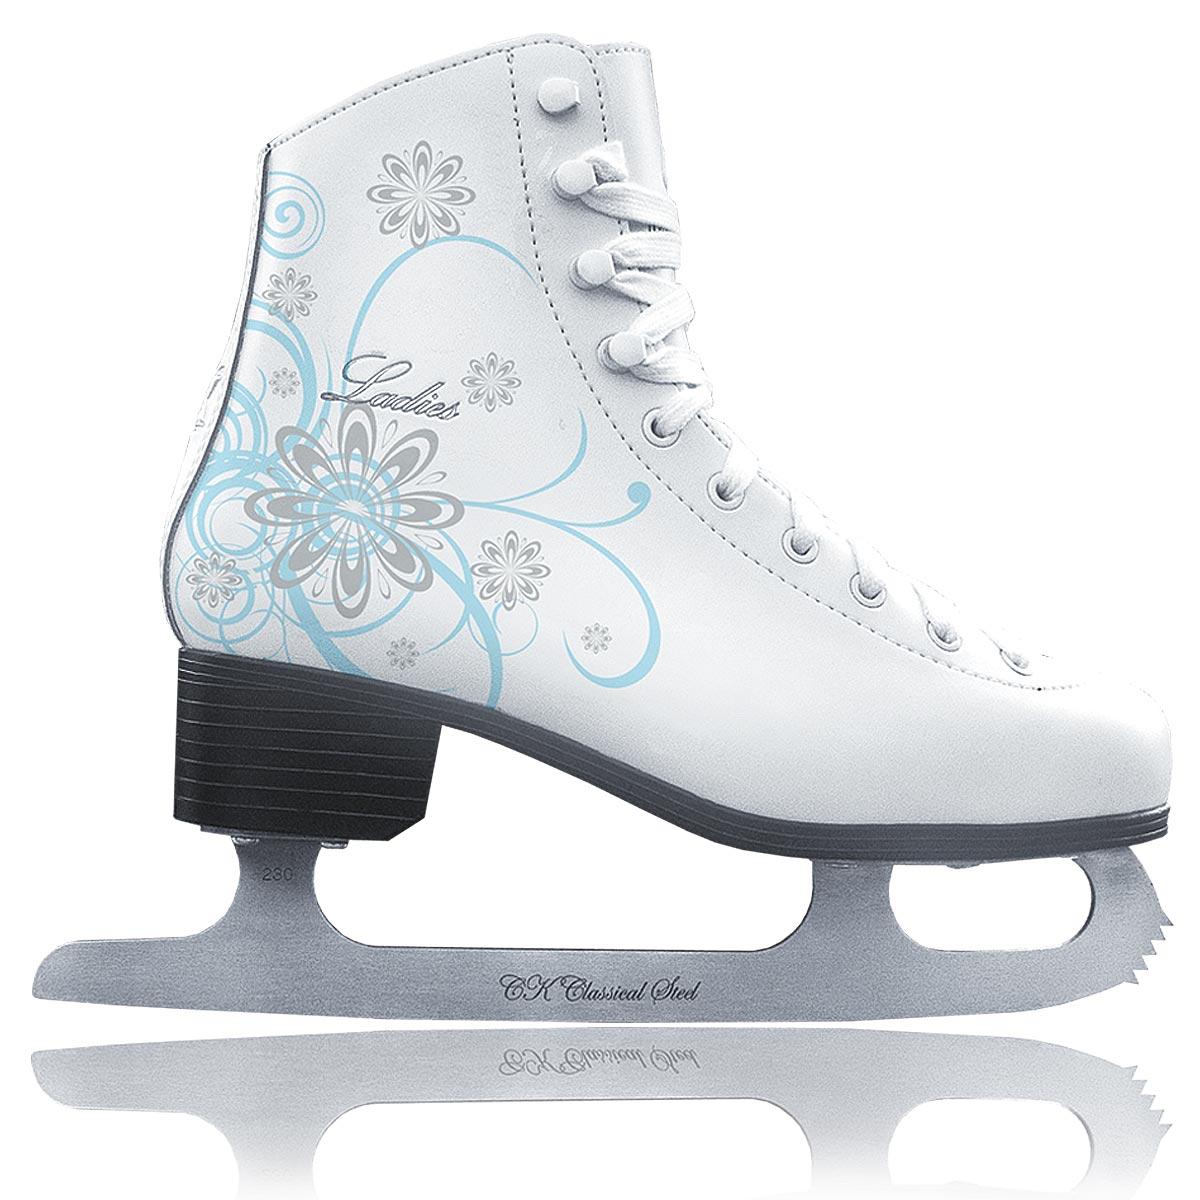 Коньки фигурные для девочки CK Ladies Velvet Classic, цвет: белый, голубой, серебряный. Размер 35